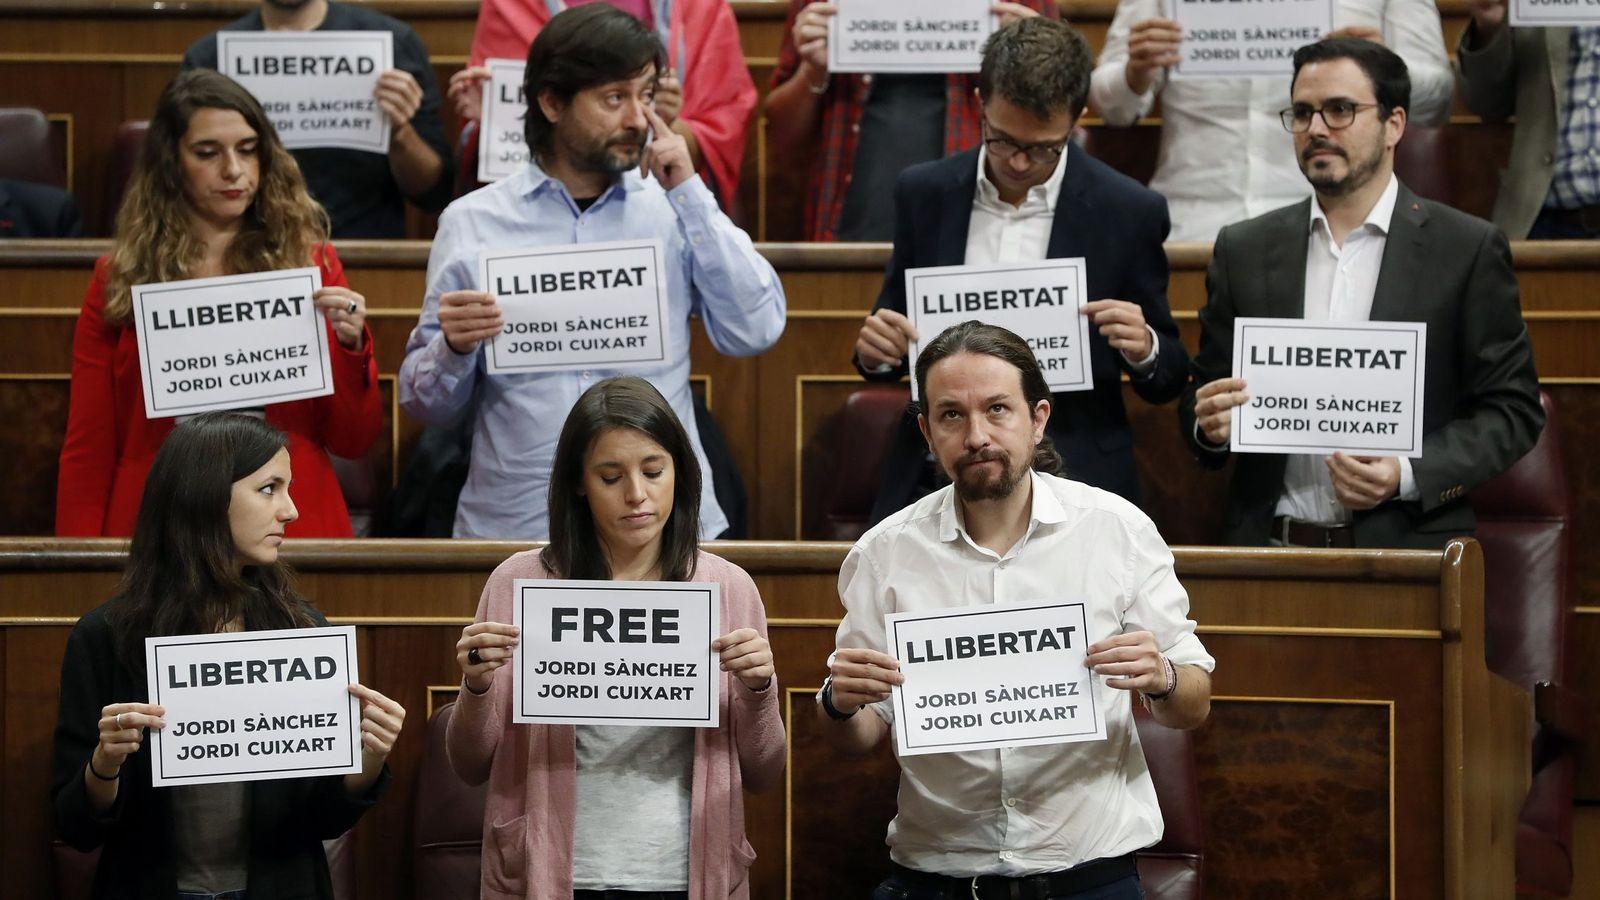 Foto: Los diputados de Unidos Podemos muestran carteles pidiendo la libertad de los responsables de las organizaciones ANC y Òmnium Cultural, Jordi Sànchez y Jordi Cuixart. (EFE)